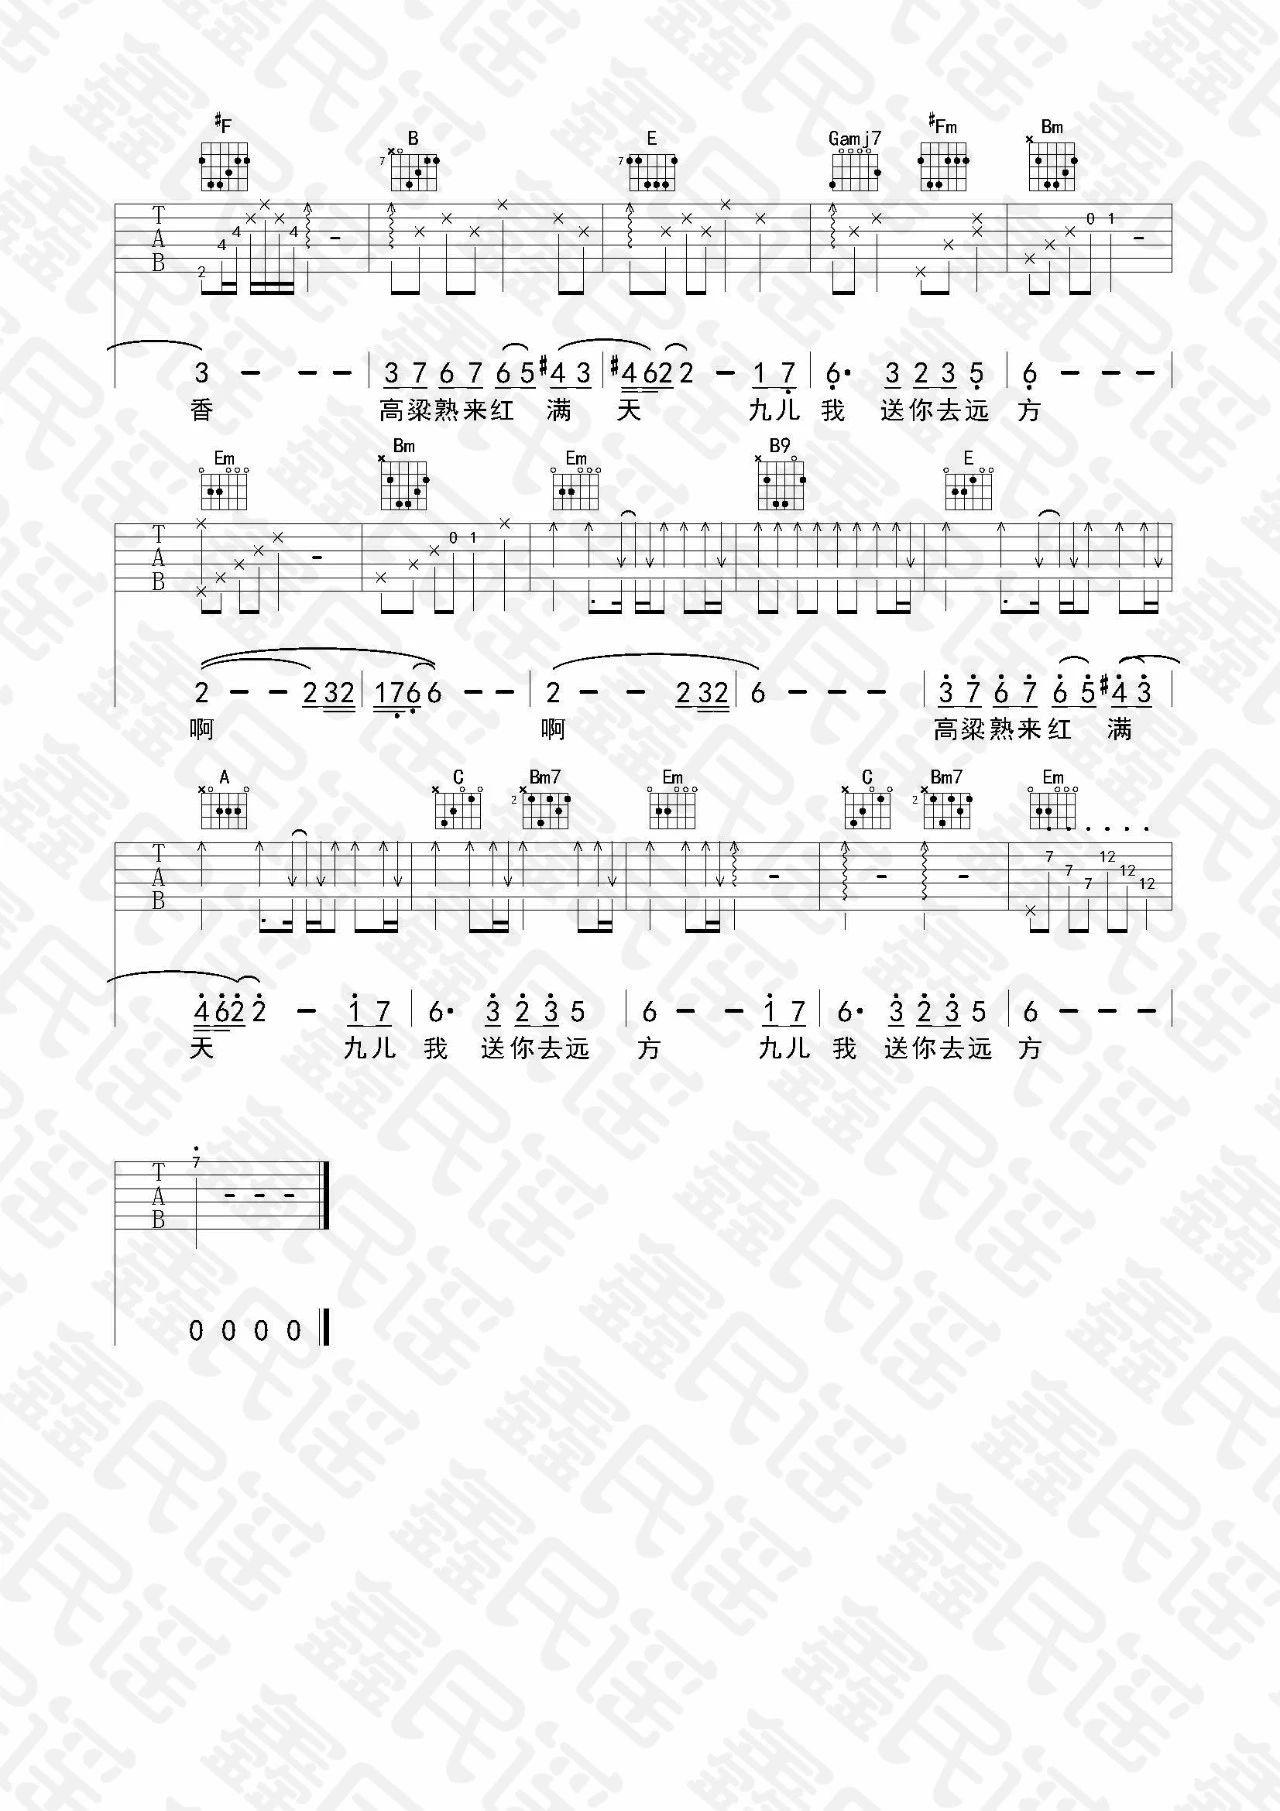 吉他派《九儿》吉他谱-2